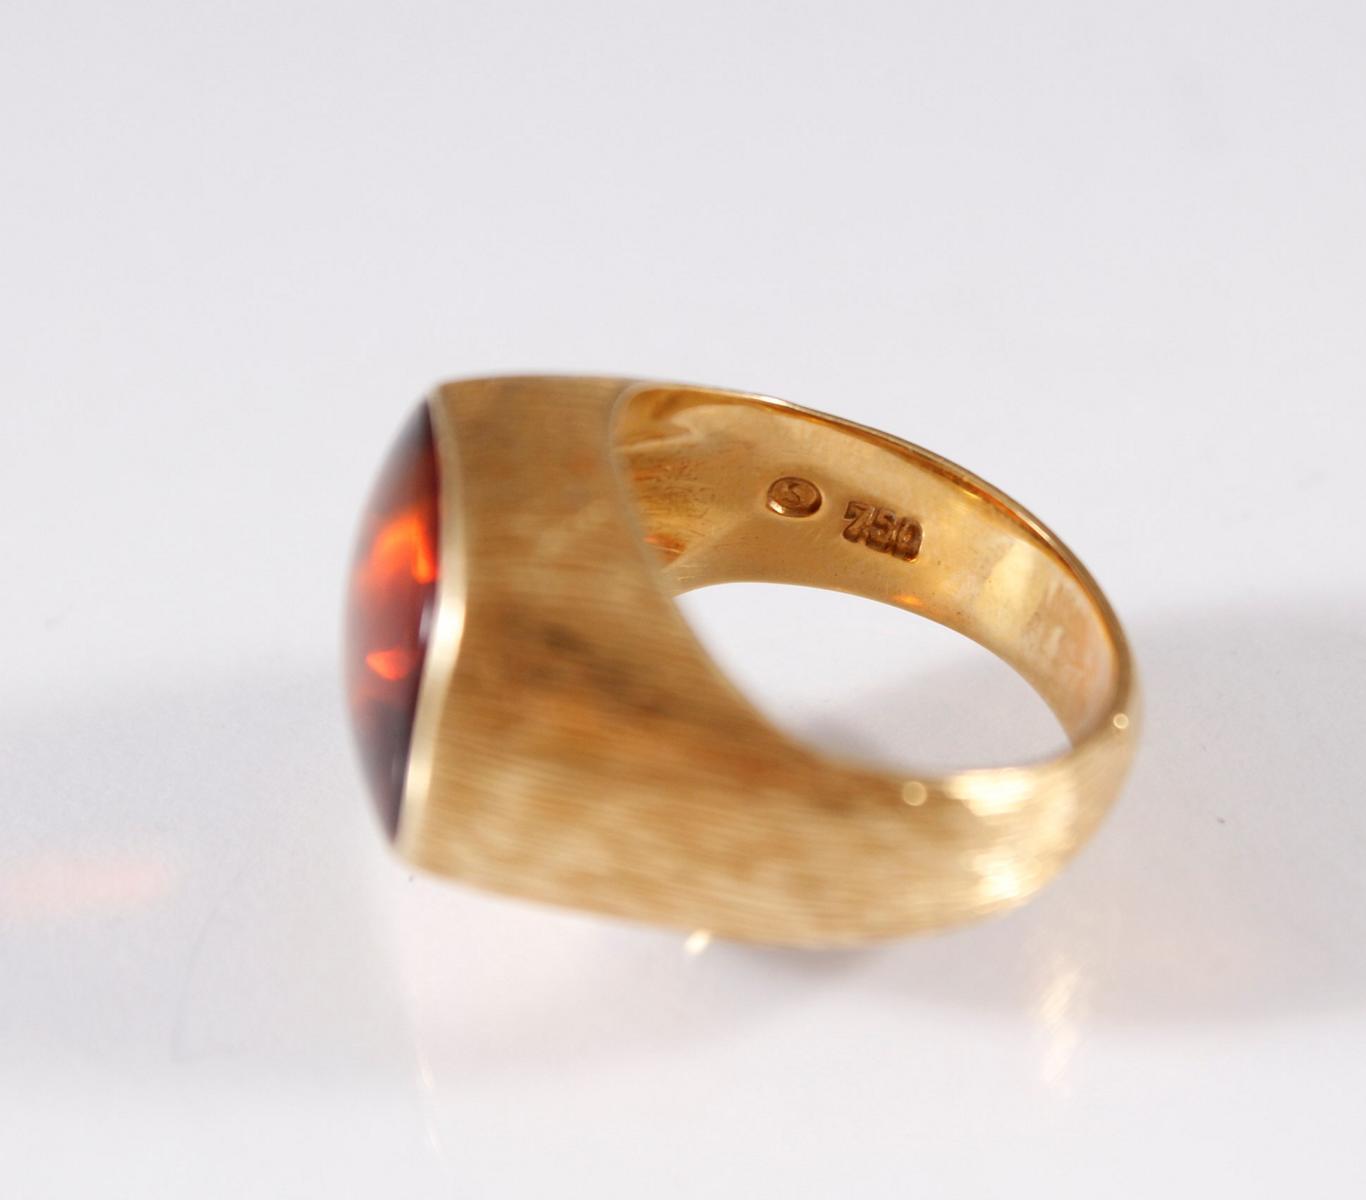 Damenring mit großem Topas, 18 Karat Gelbgold-3